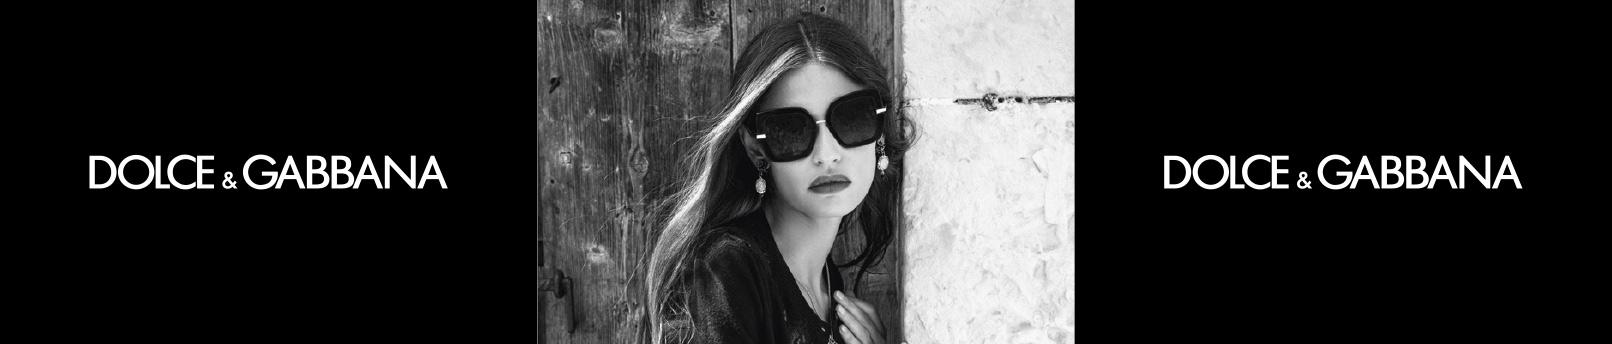 Shop Dolce&Gabbana